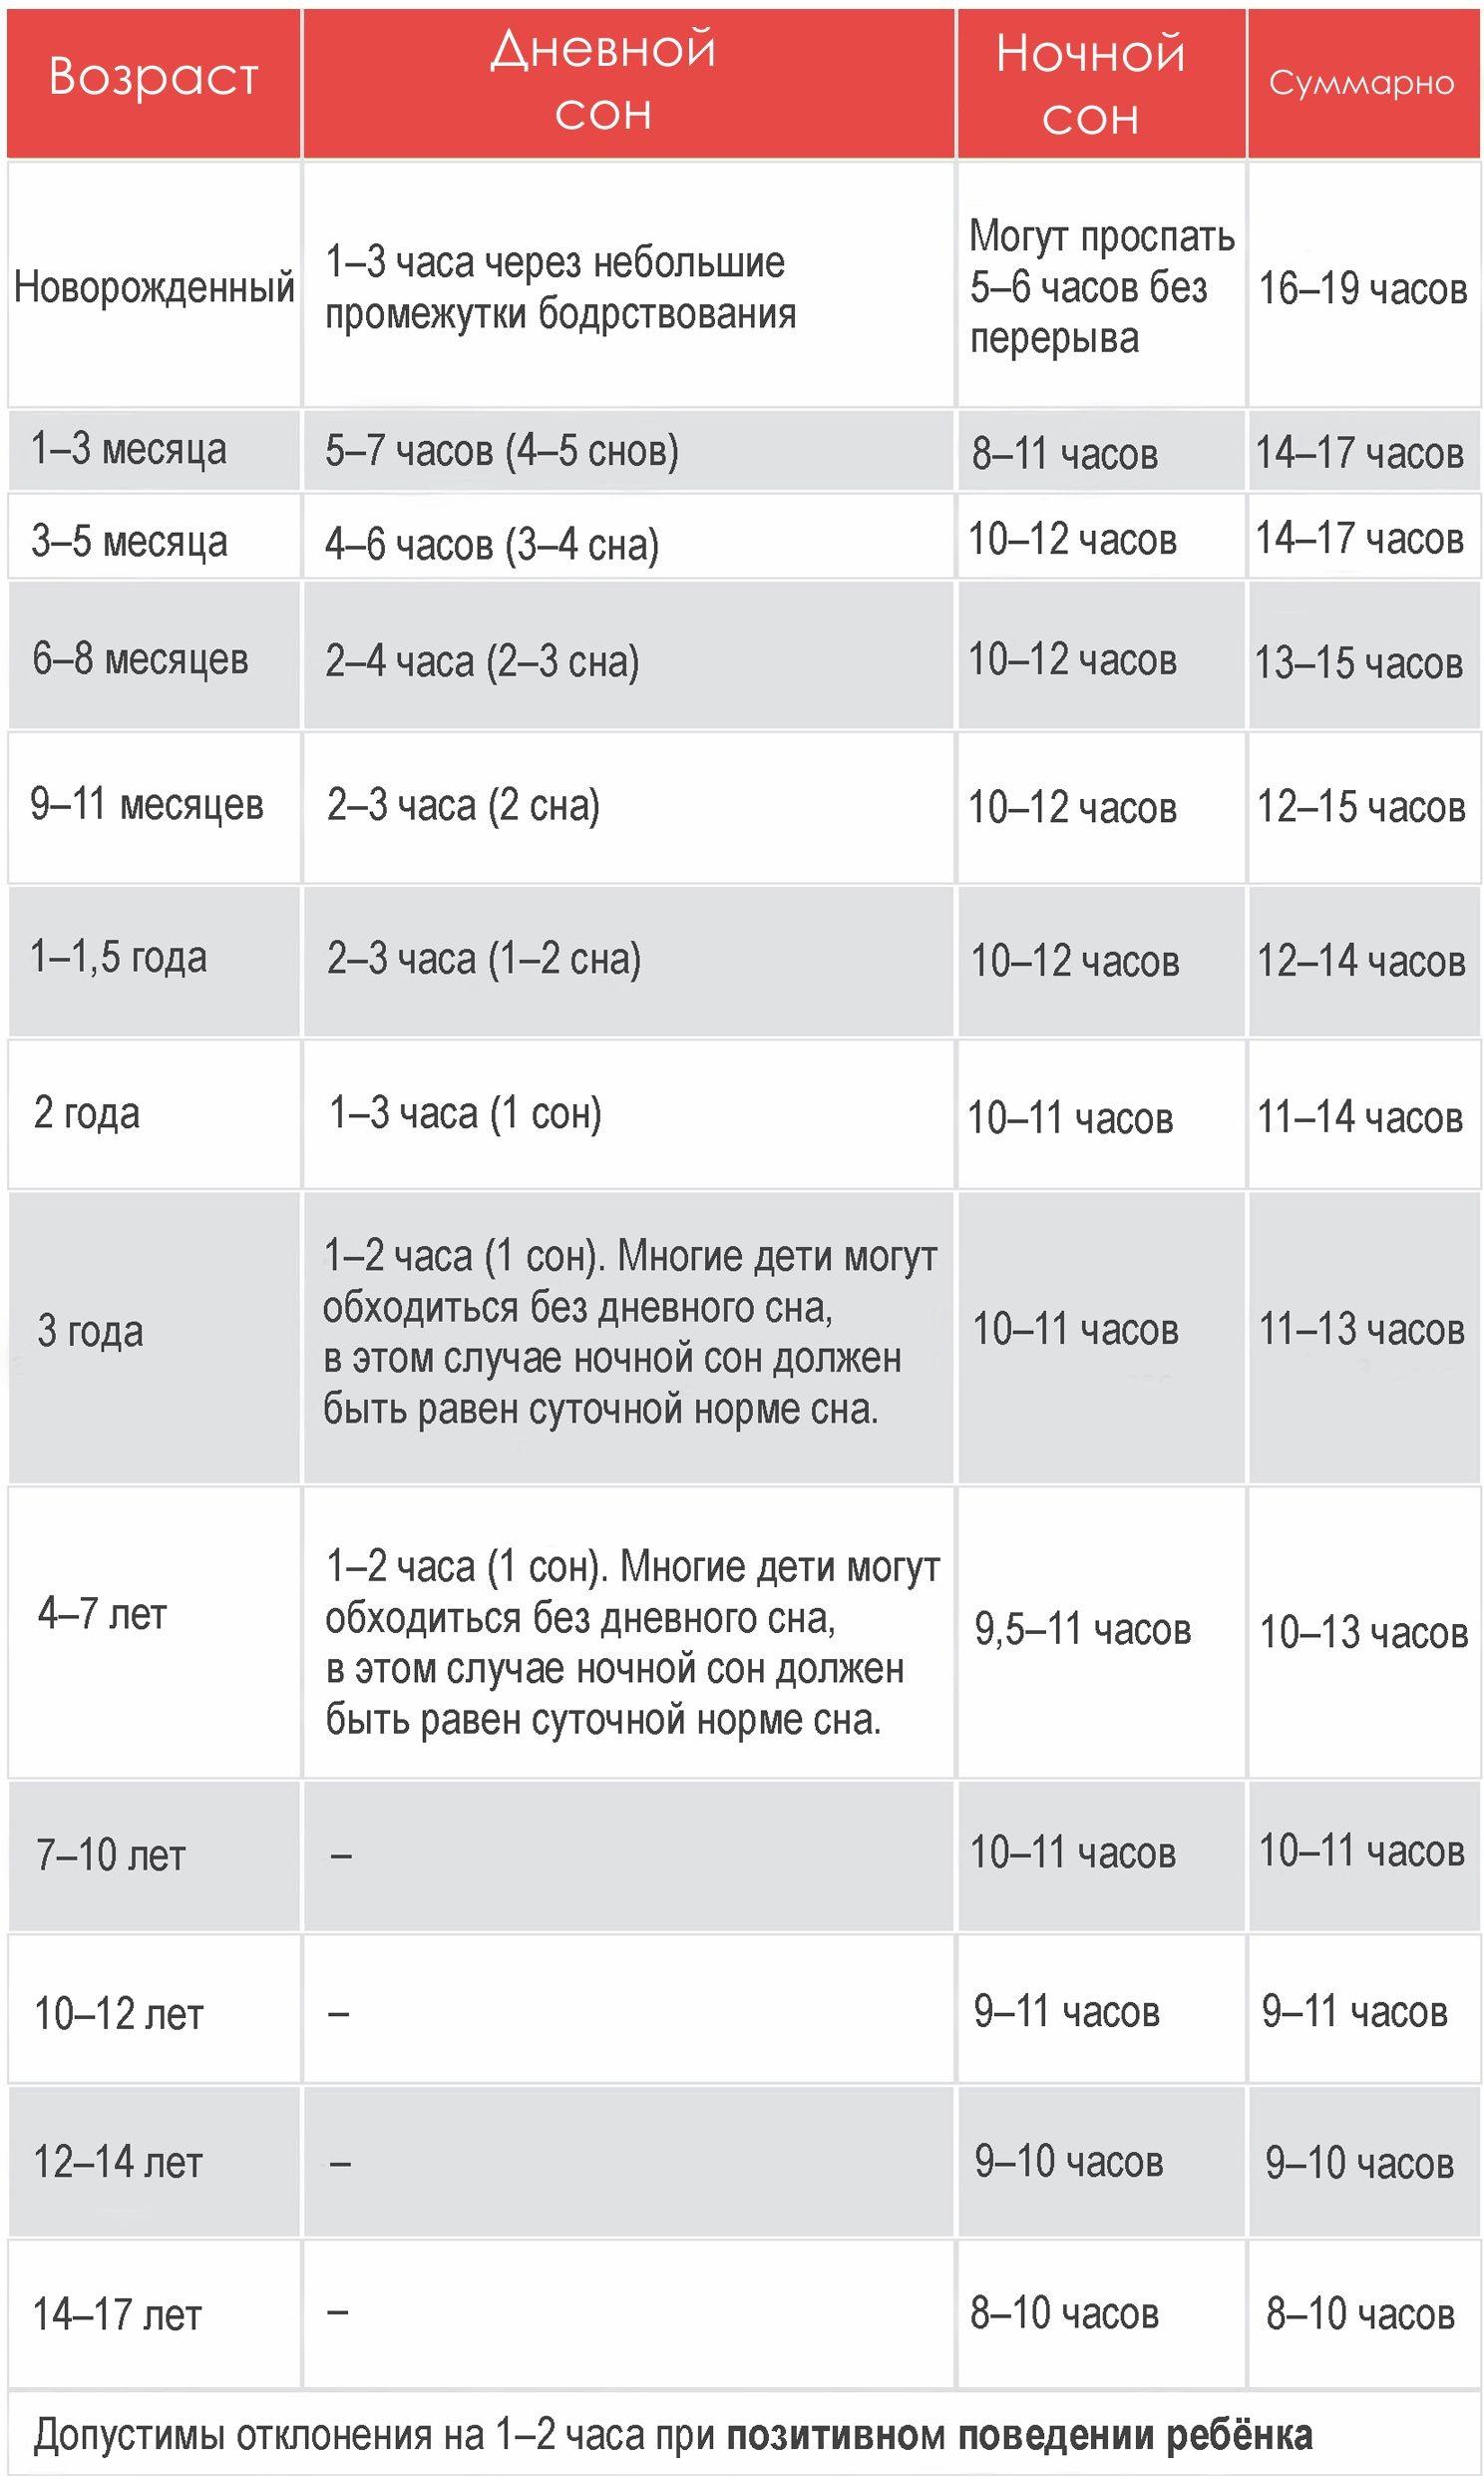 Сколько должен спать ребенок: таблица сна в часах